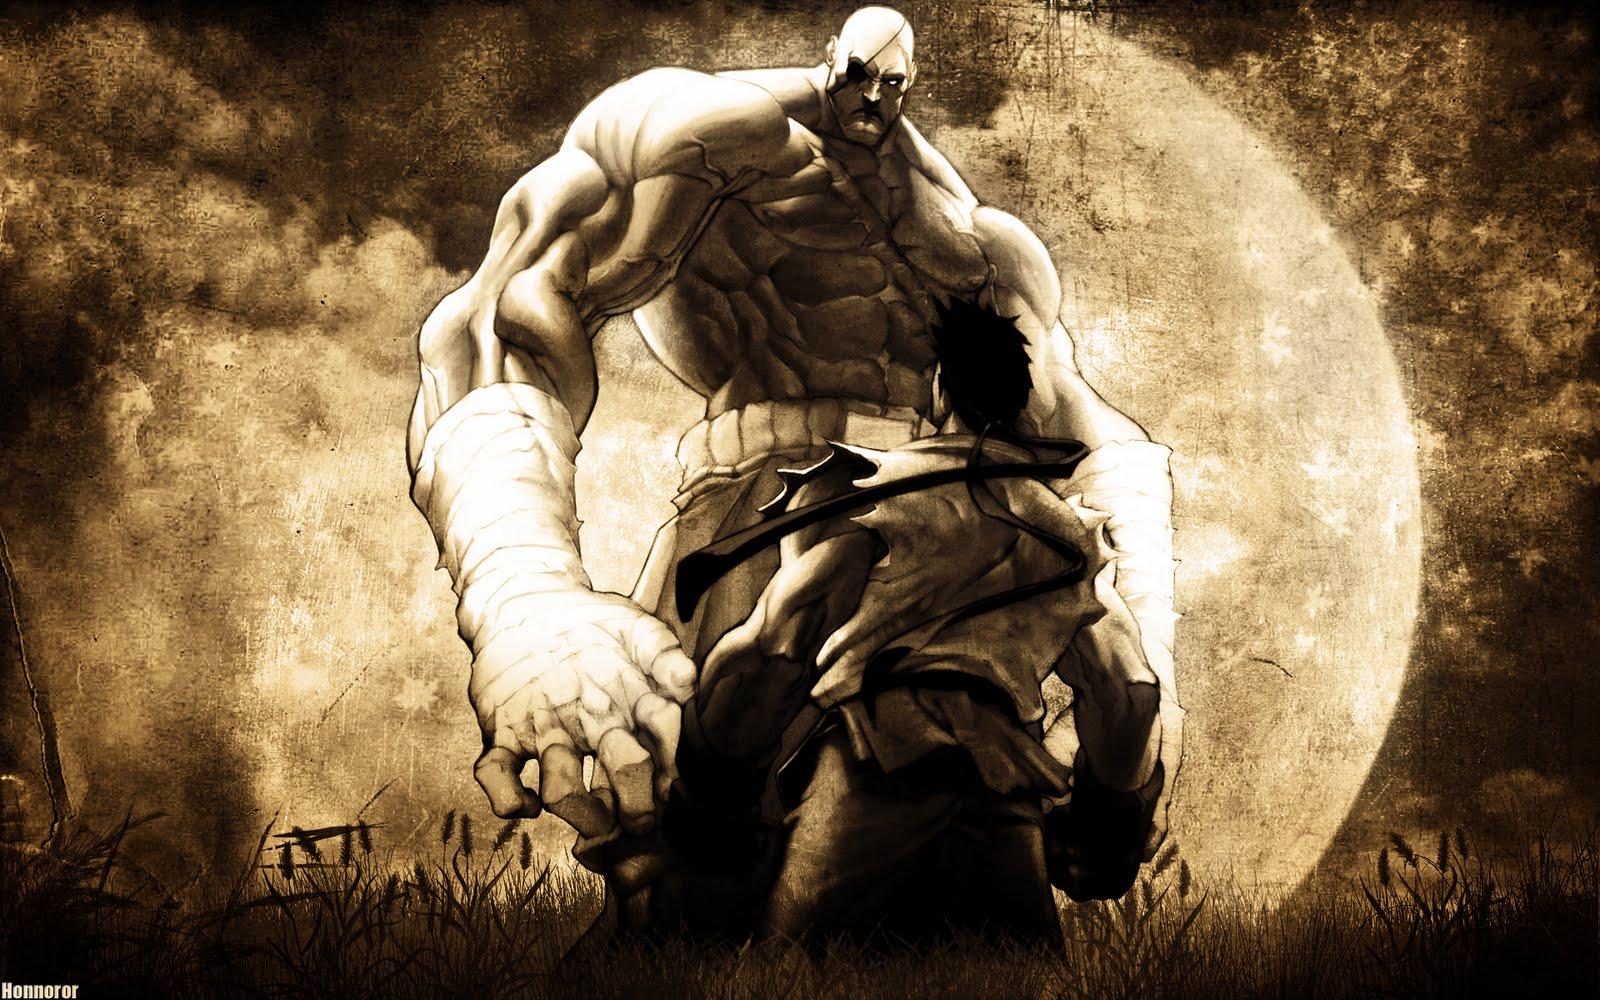 http://3.bp.blogspot.com/_u_5033xyXlo/TKYD8c9VgTI/AAAAAAAAB0A/f43fqtNL5Fw/s1600/Street+Fighter.jpg